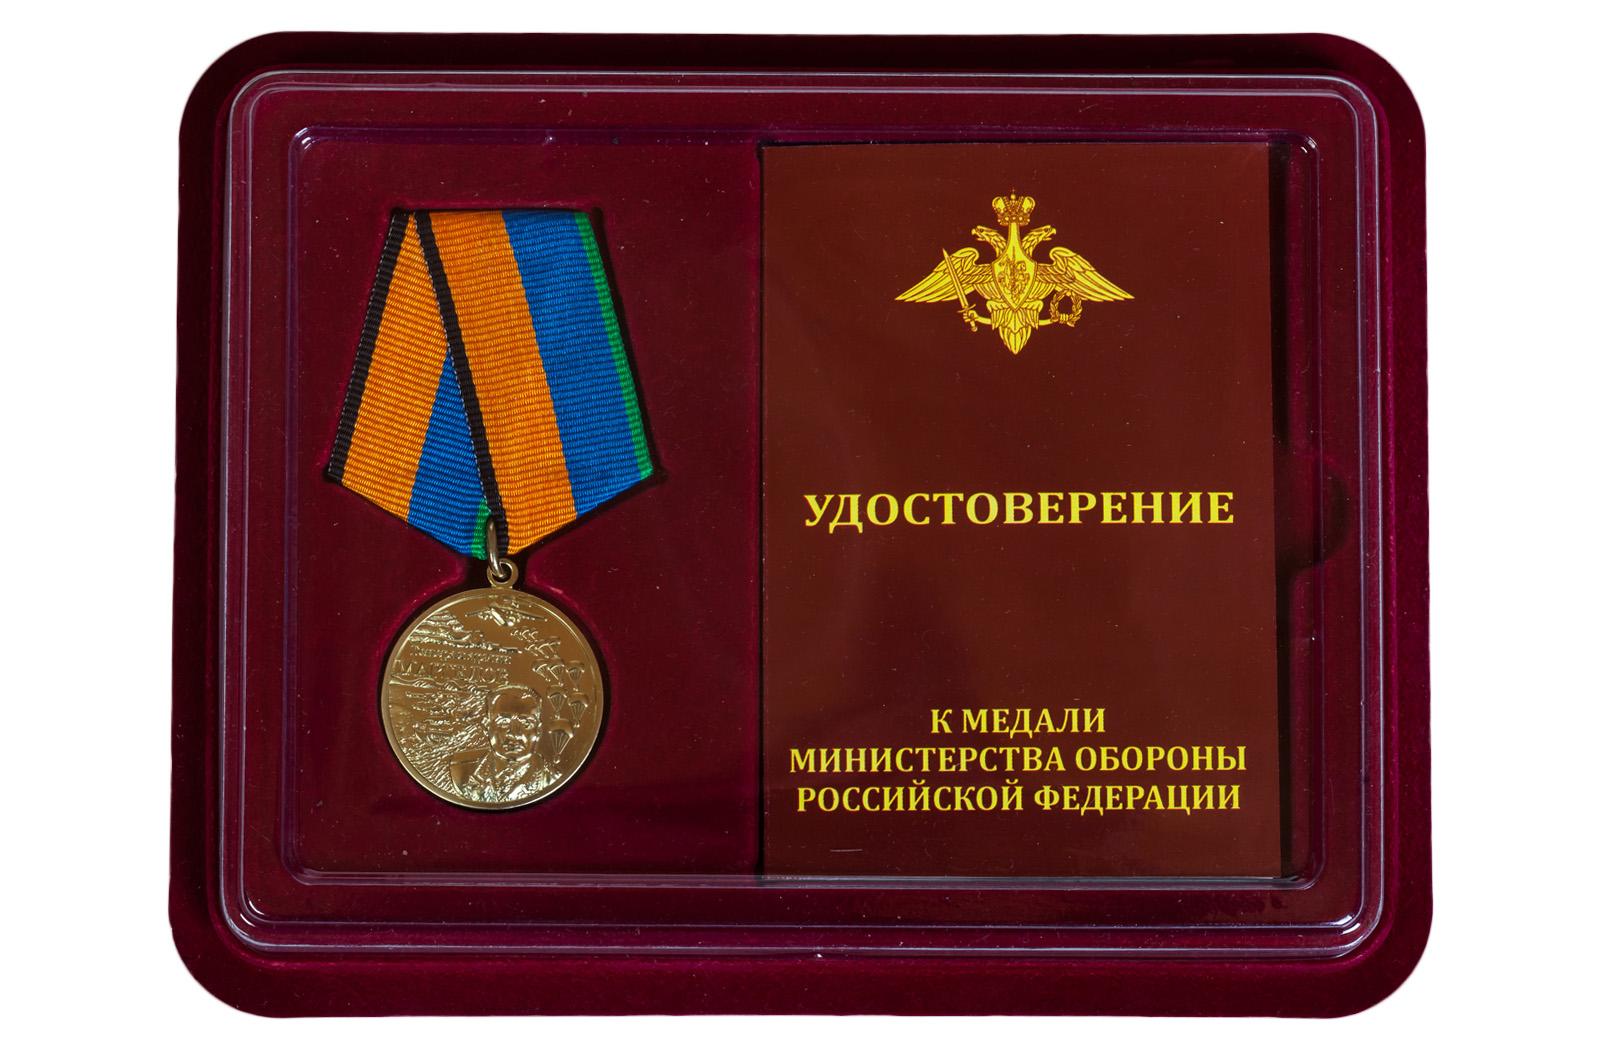 Купить медаль Генерал армии Маргелов в футляре в подарок